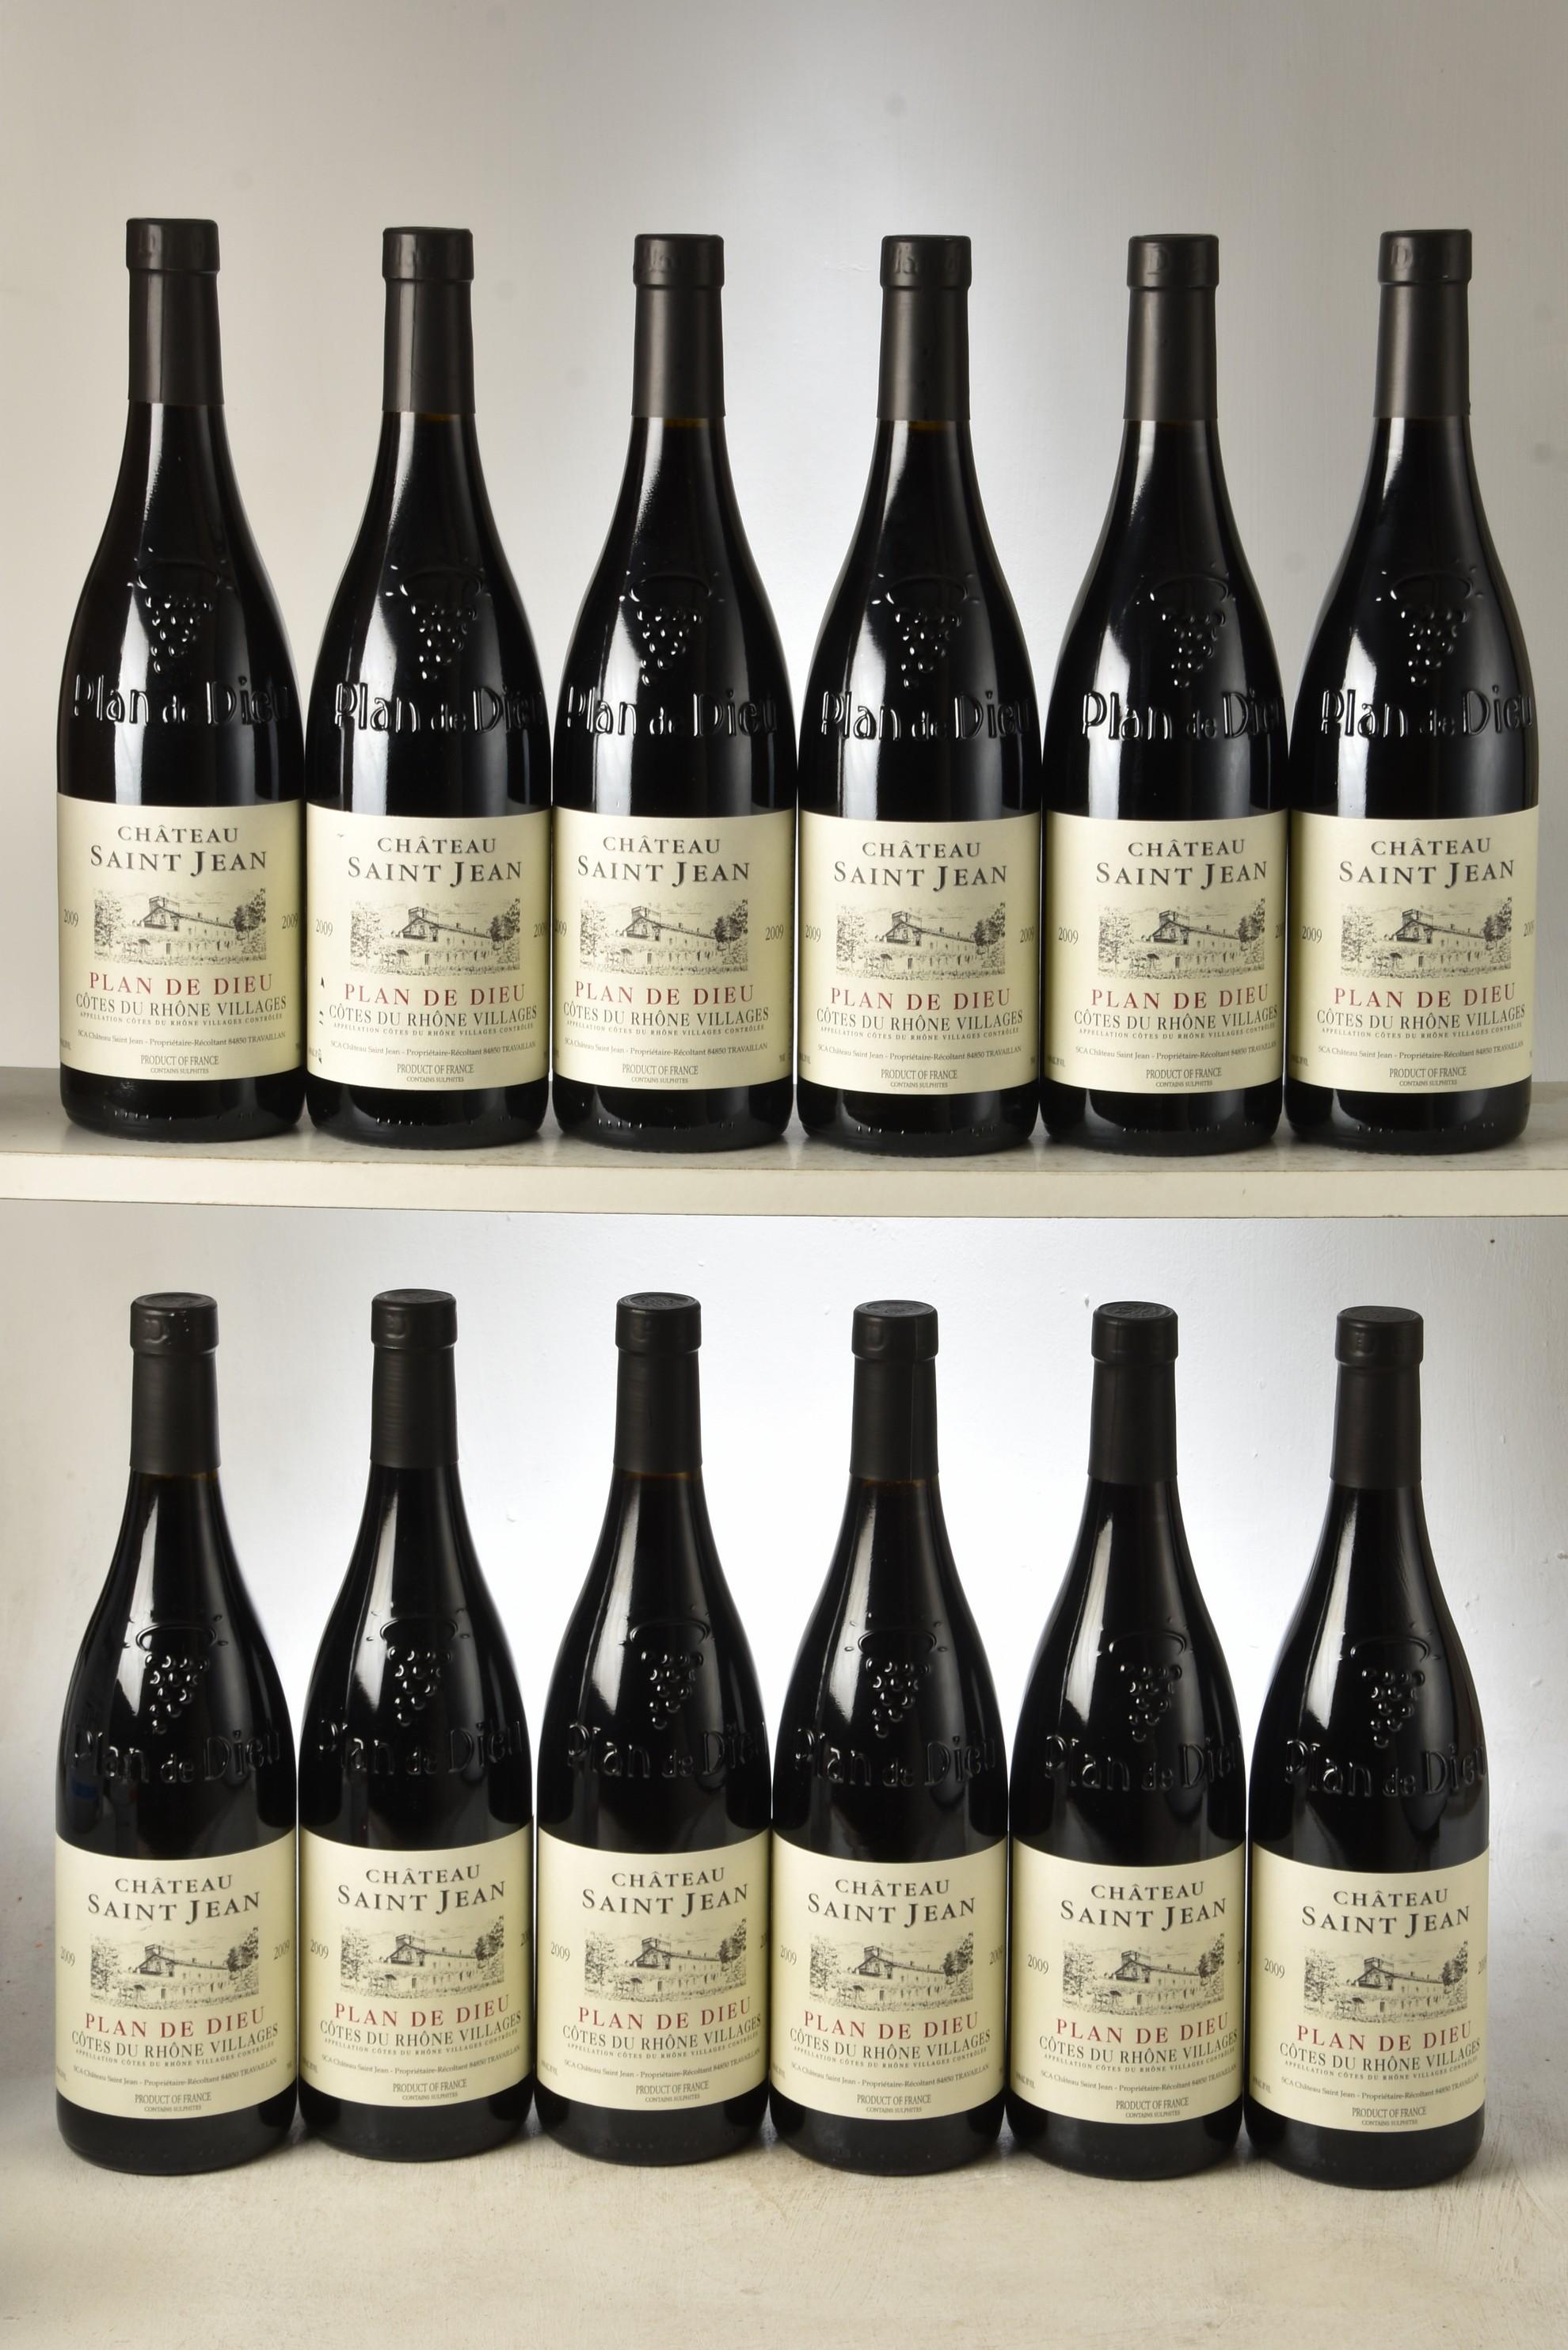 Cotes du Rhone Chateau St Jean Plan de Dieu 2009 12 bts OCC In Bond